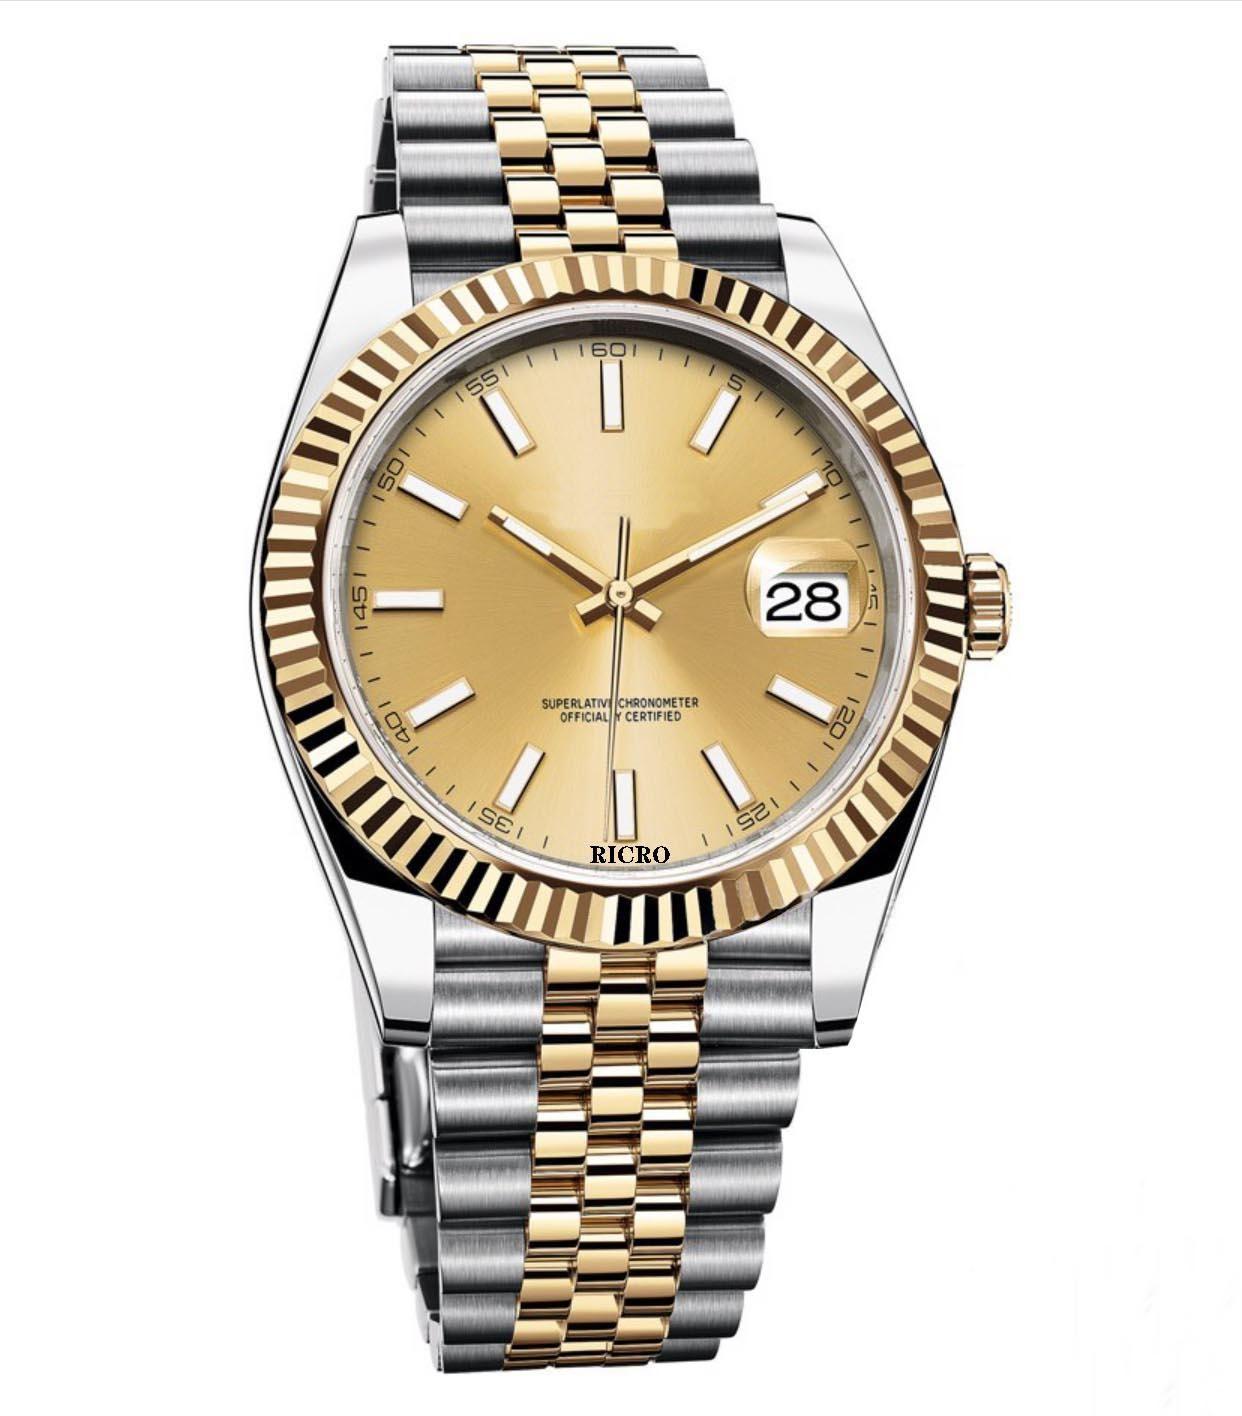 Orologio da uomo, avvolgimento automatico meccanico, movimento 2813, orologi in acciaio inox, vetro zaffiro, fibbia pieghevole, commercio all'ingrosso e reta